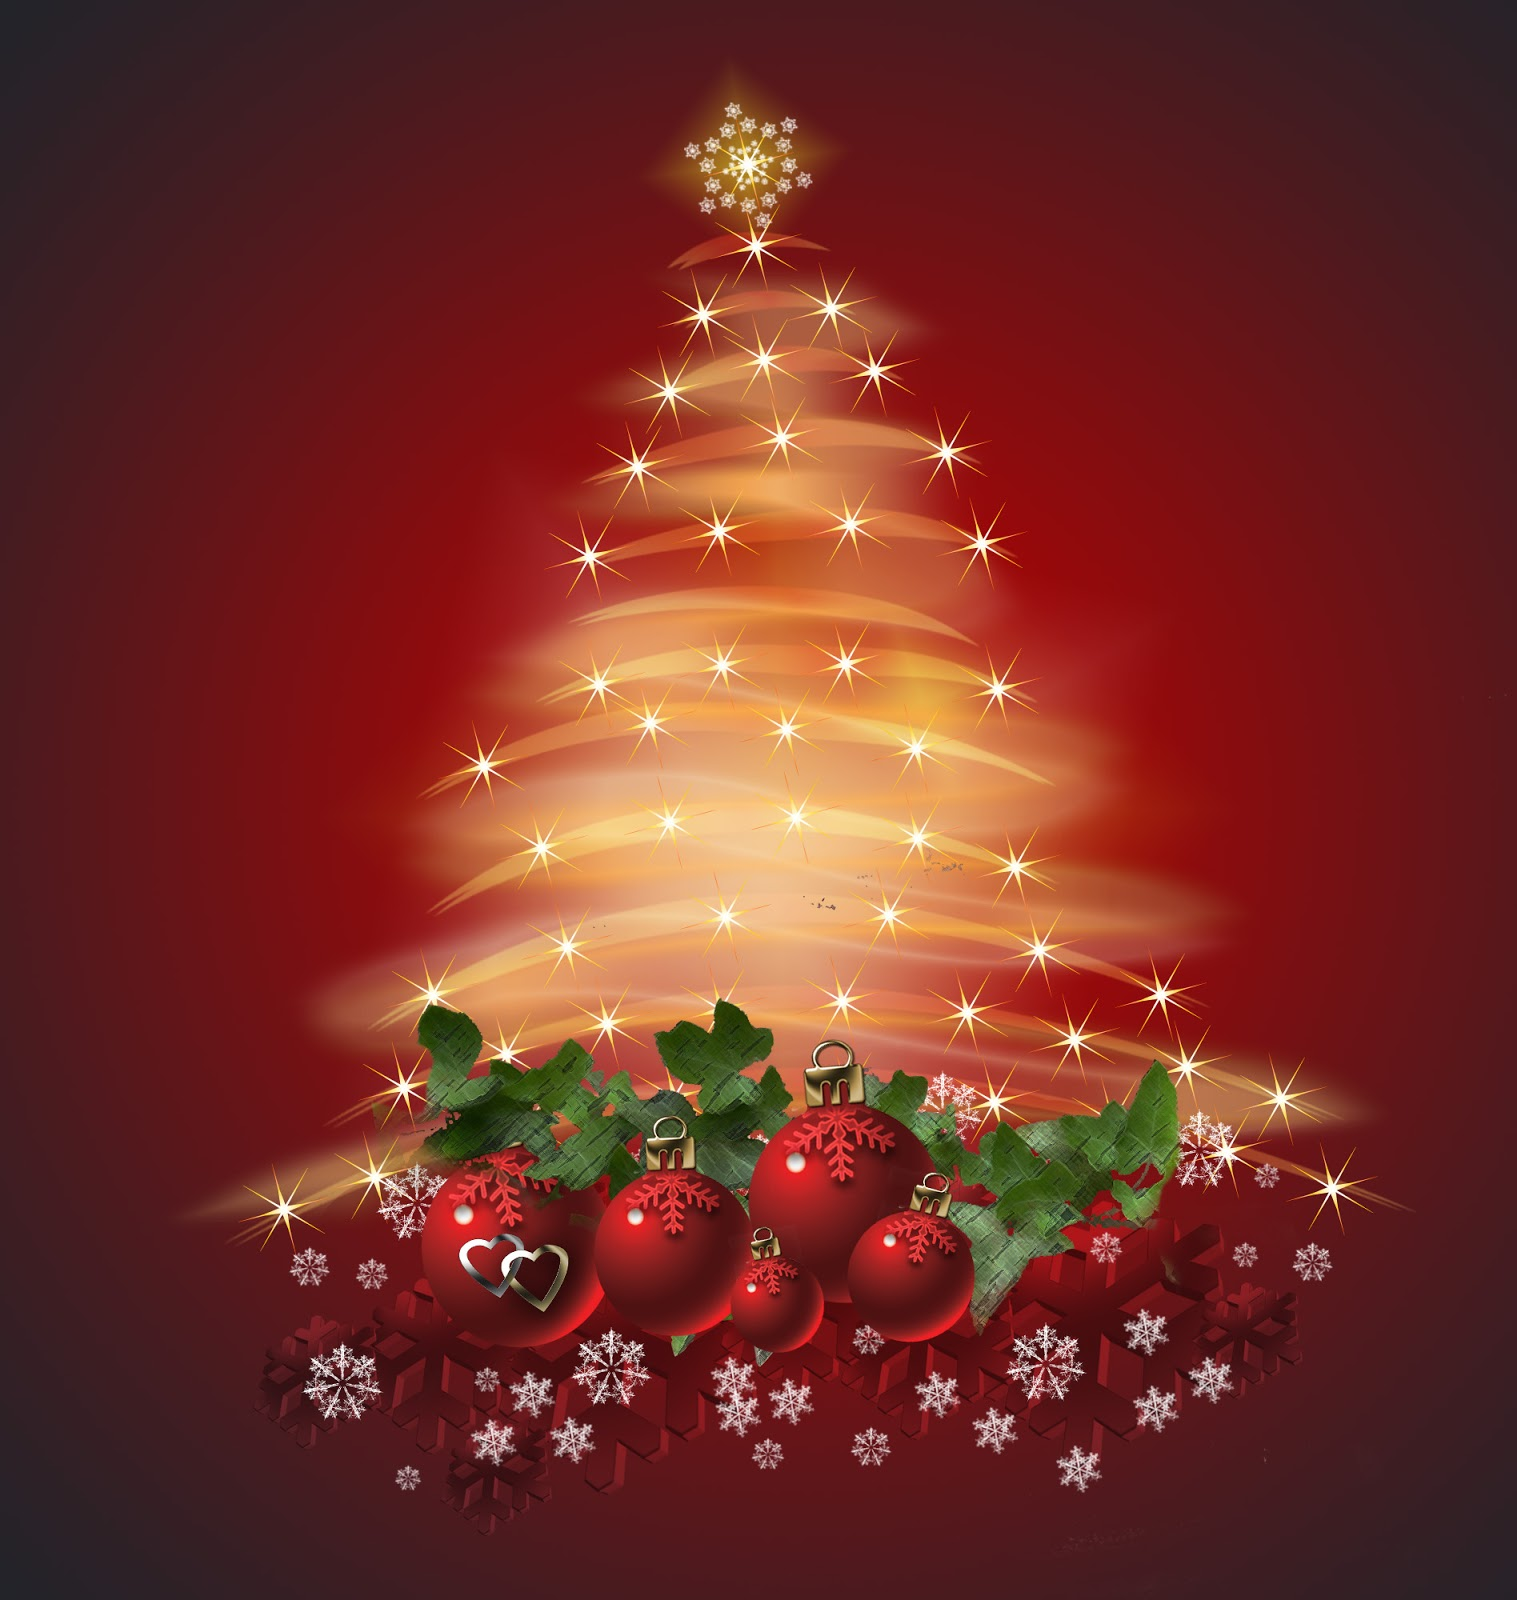 navidad 2018 imagenes Imagenes Arbol De Navidad 2018 navidad 2018 imagenes